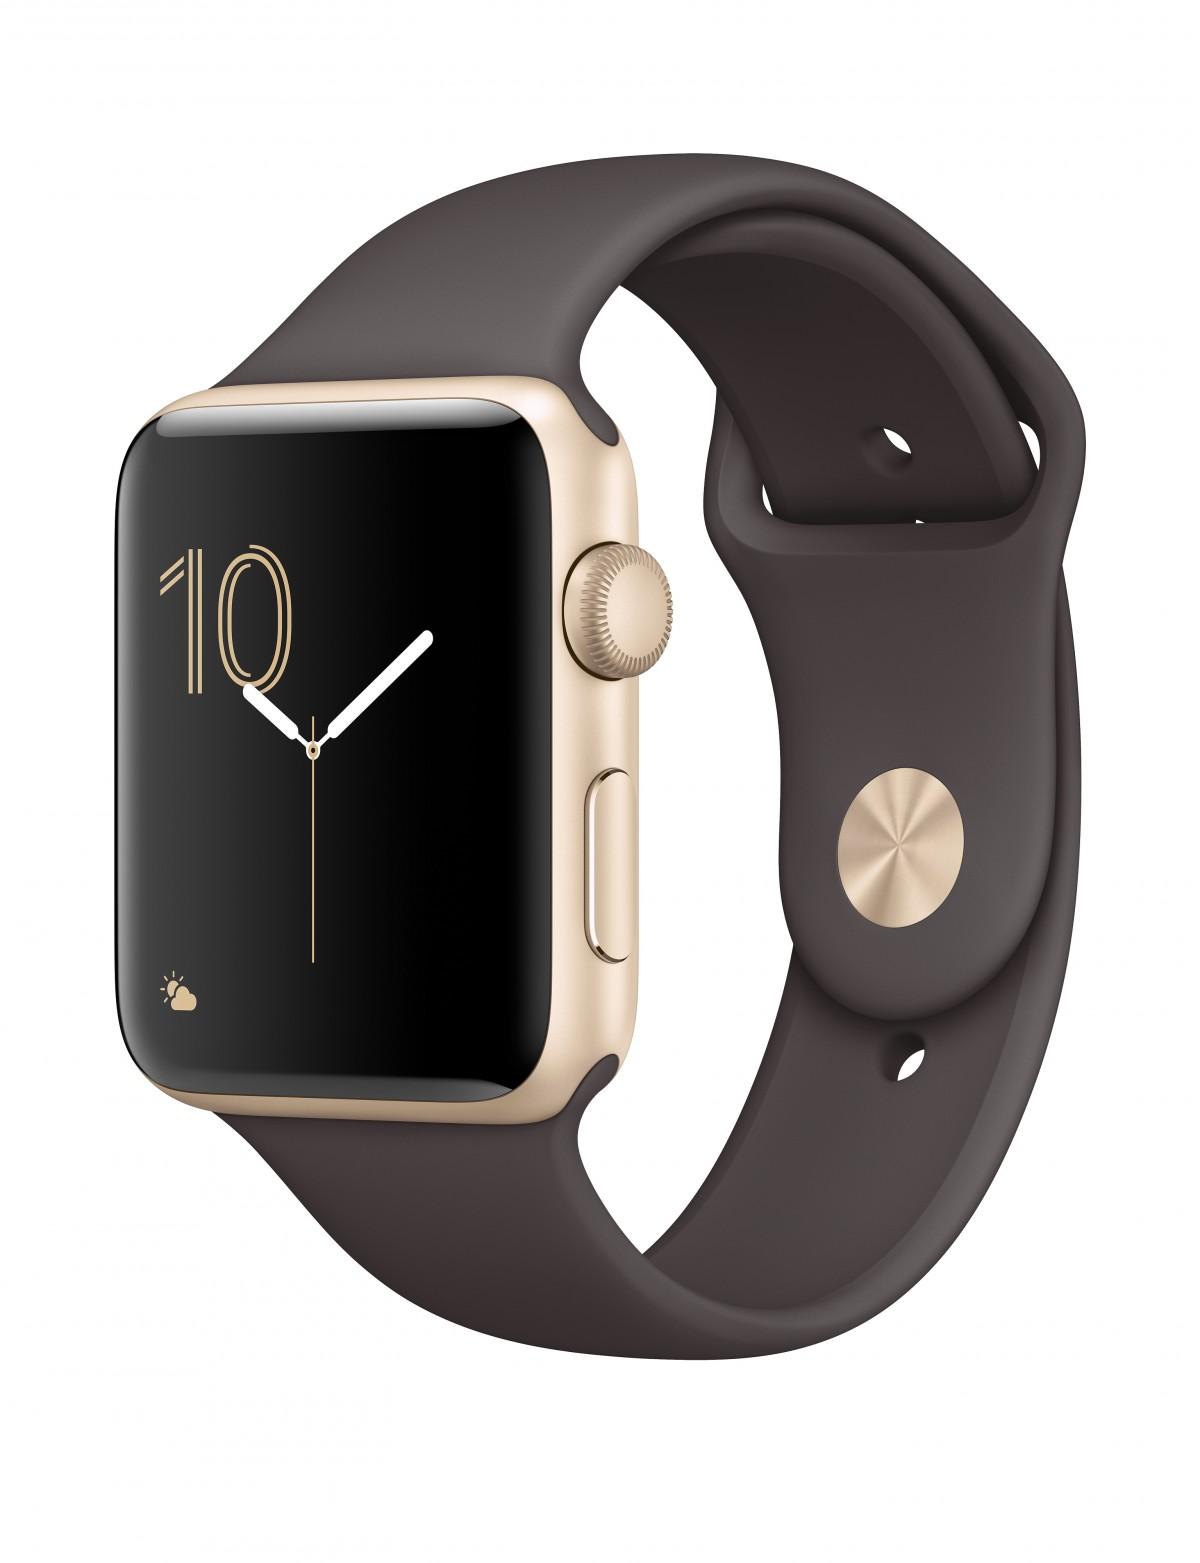 Řemínek SmoothBand pro Apple Watch Series 3/2/1 42mm - Kakaově hnědý